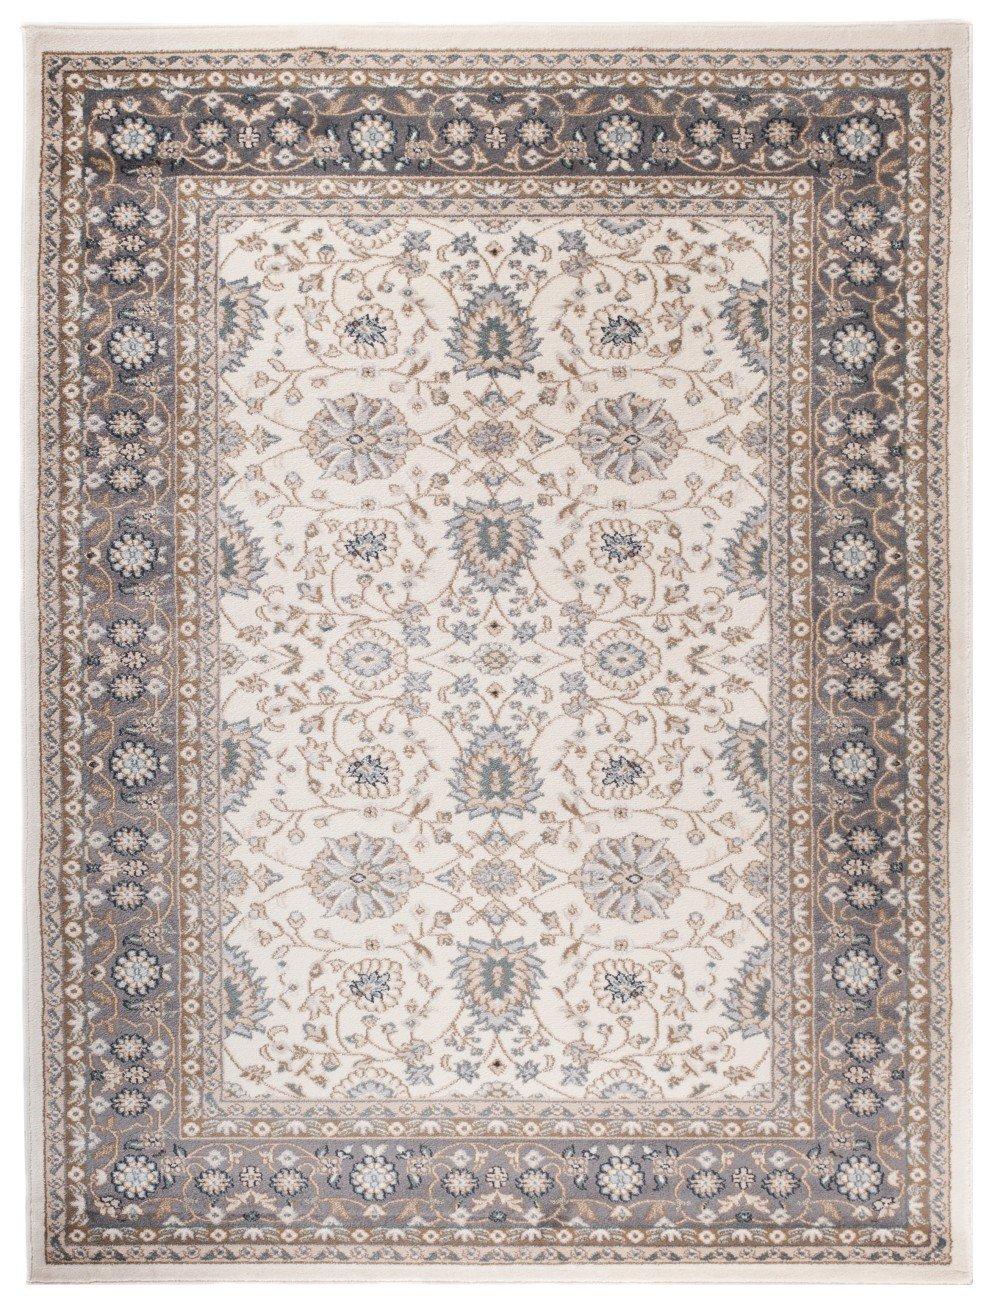 Carpeto Klassischer Orientalisch Teppich Klassik Design in Weiß Weiss - Sehr Dicht Gewebt (300 x 400 cm)